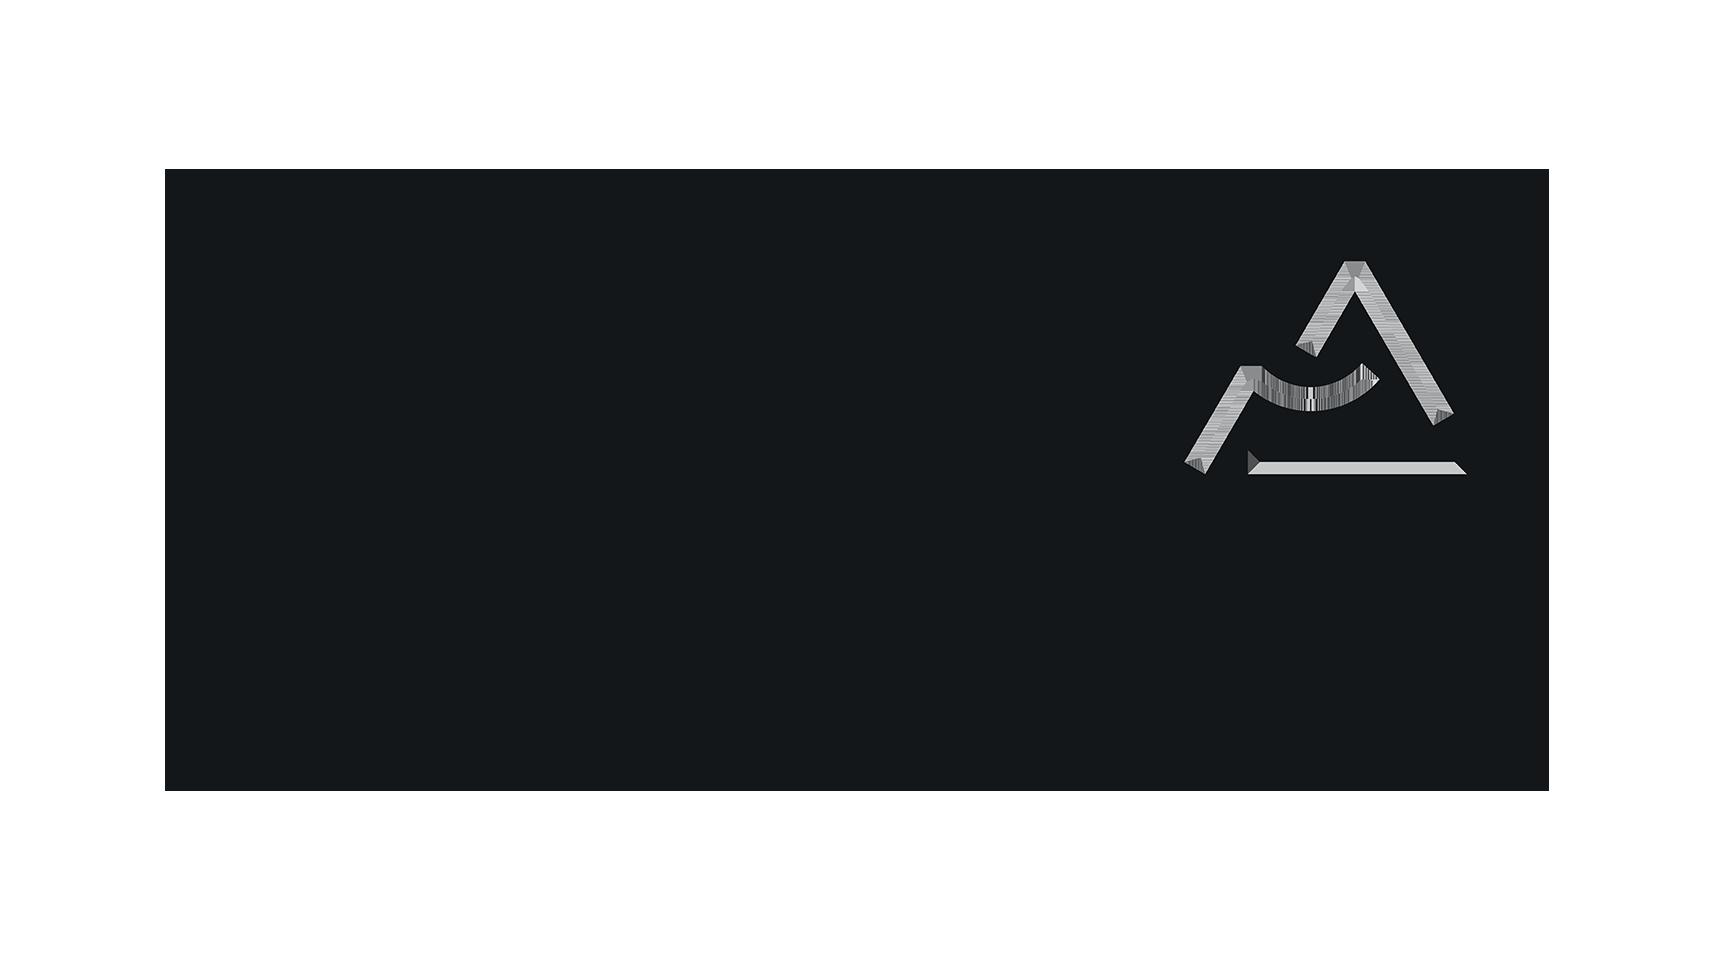 Logo de la région Auvergne-Rhônes-Alpes